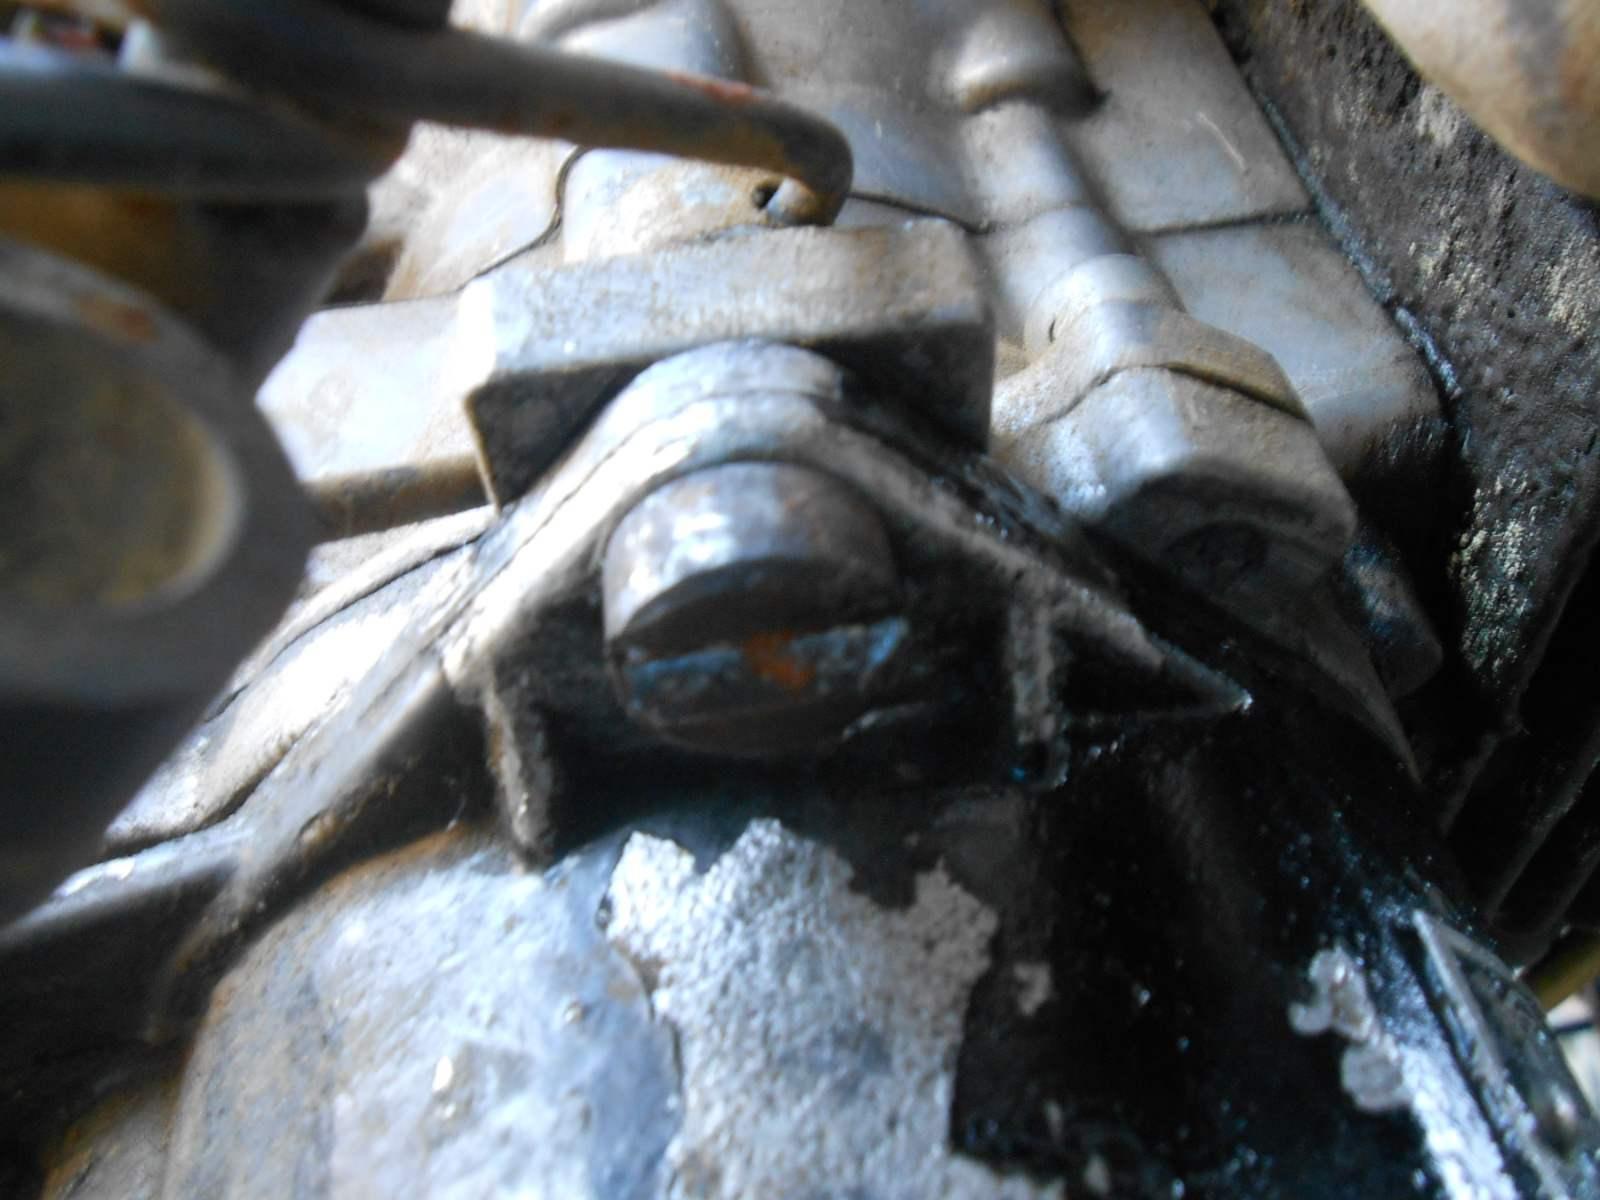 vari-prevodovka-uchyceni-motoru-a-naradi-4.JPG